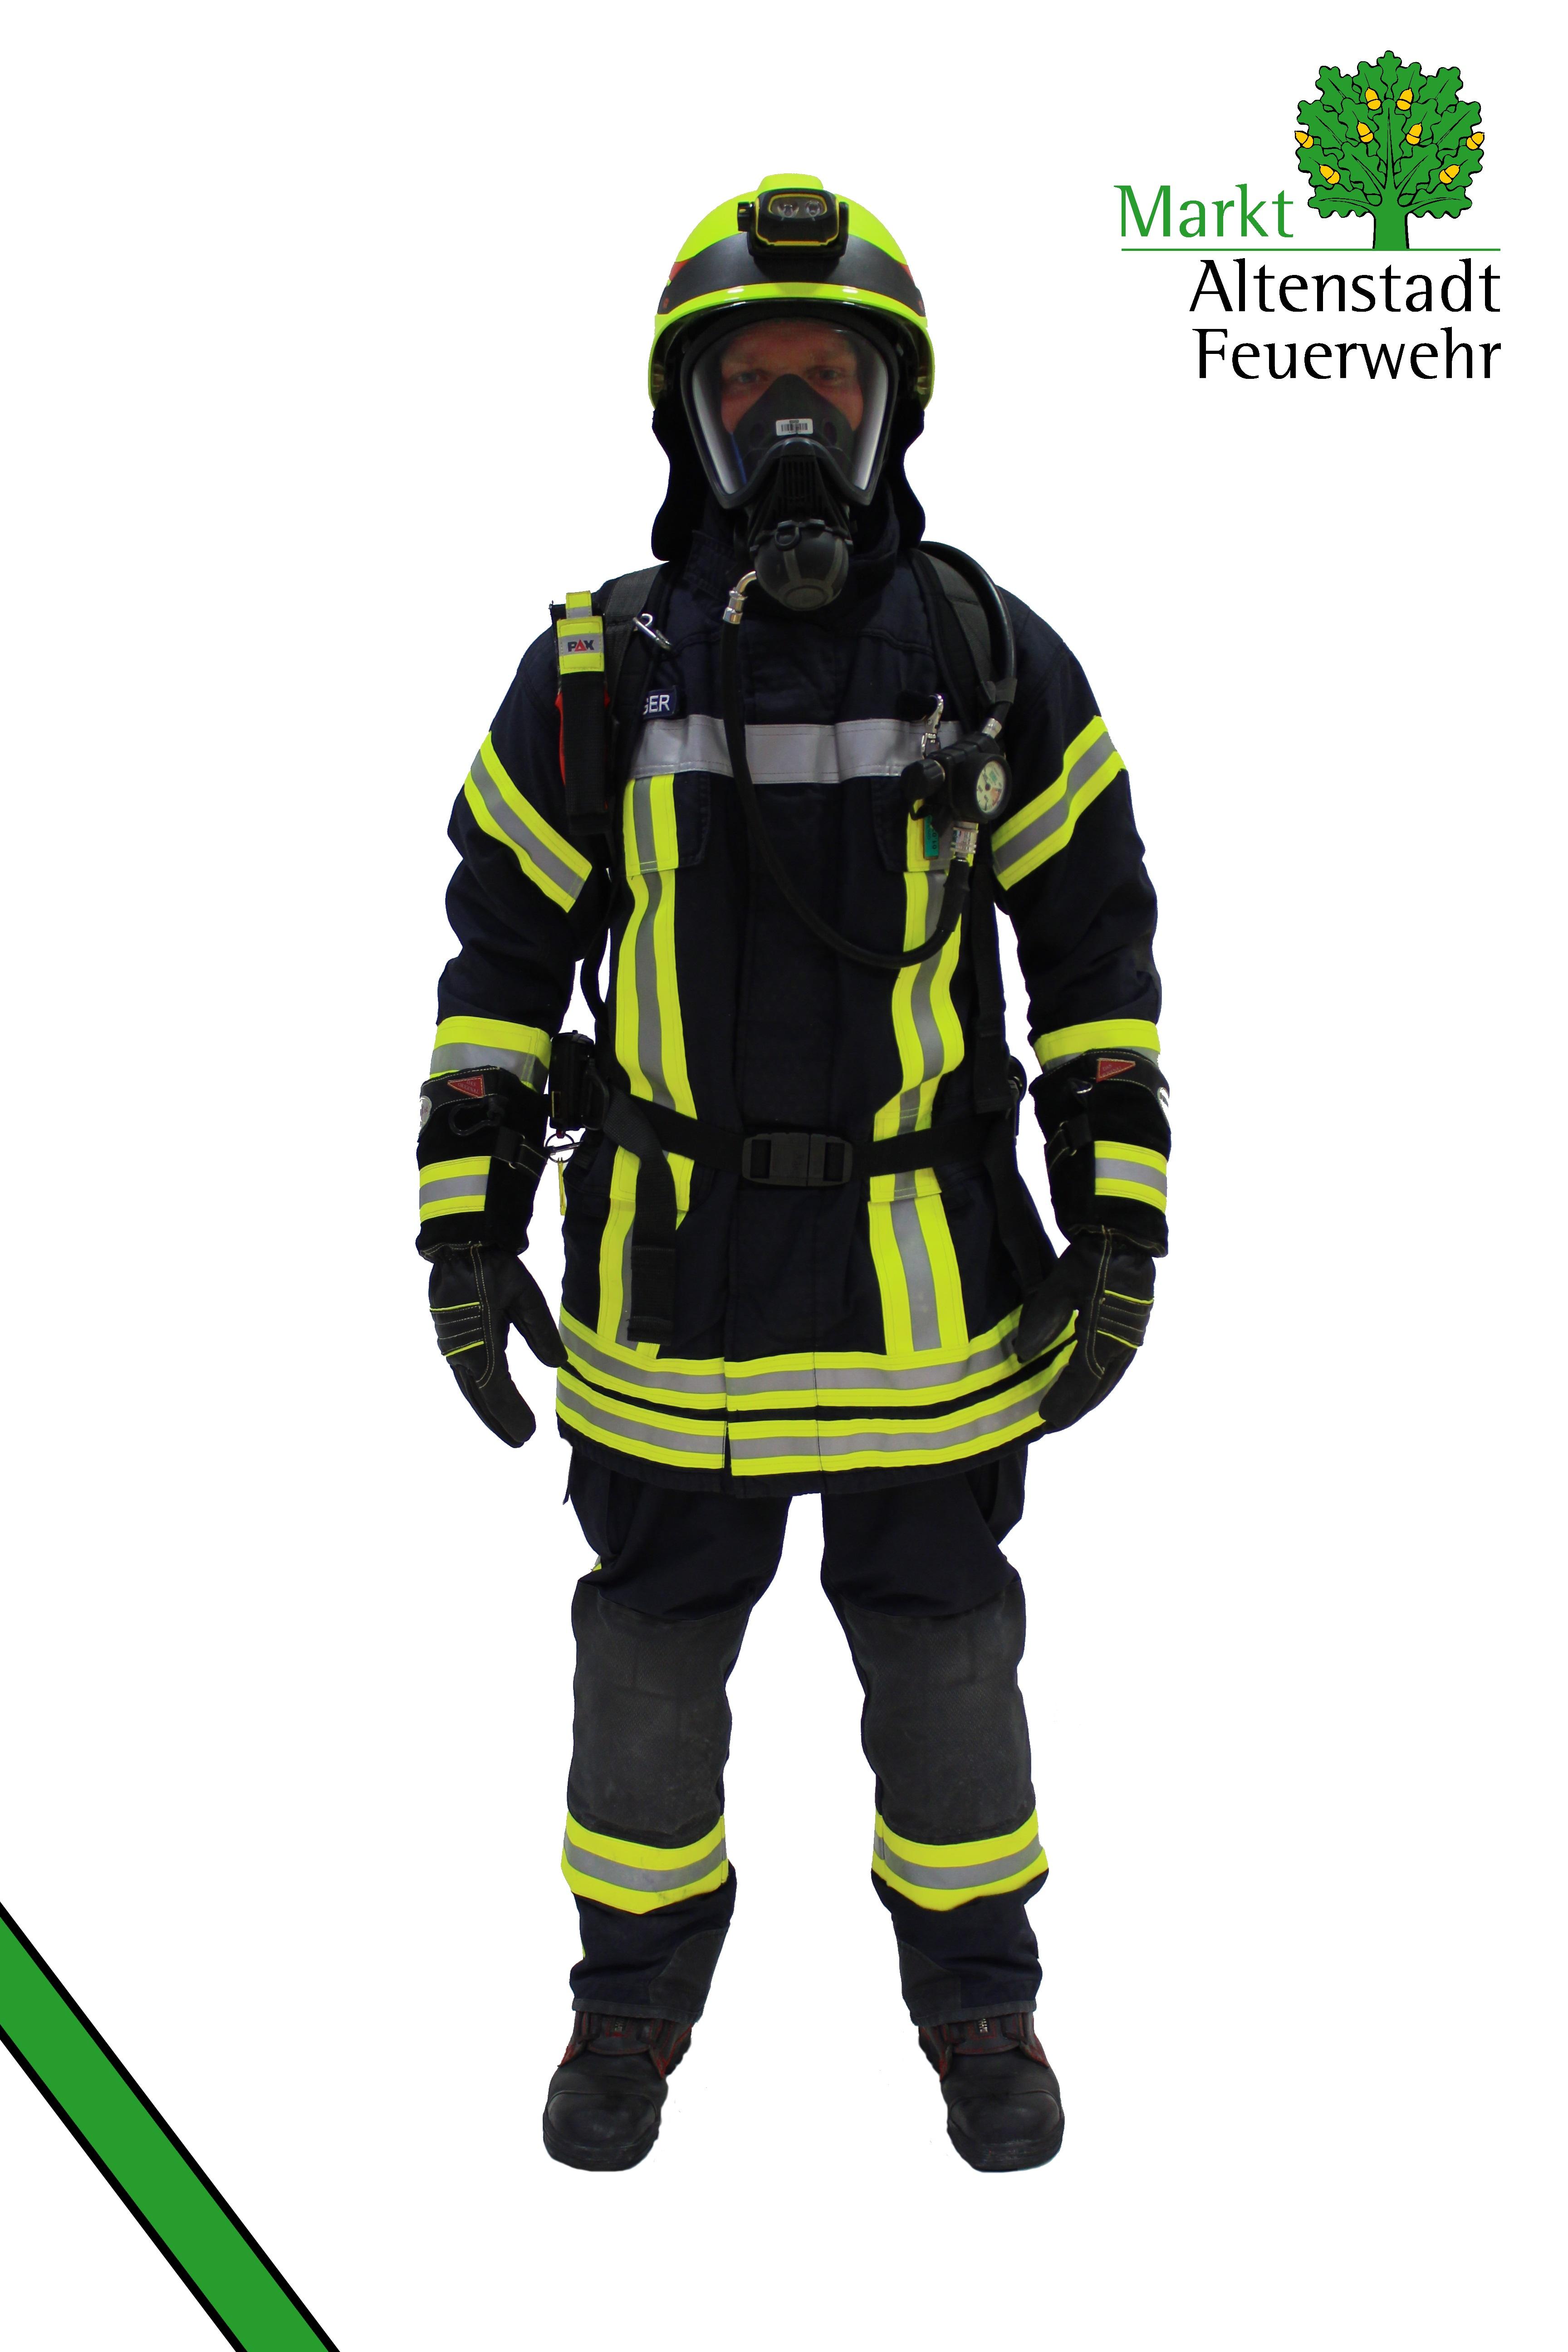 Freiwillige Feuerwehr Altenstadt